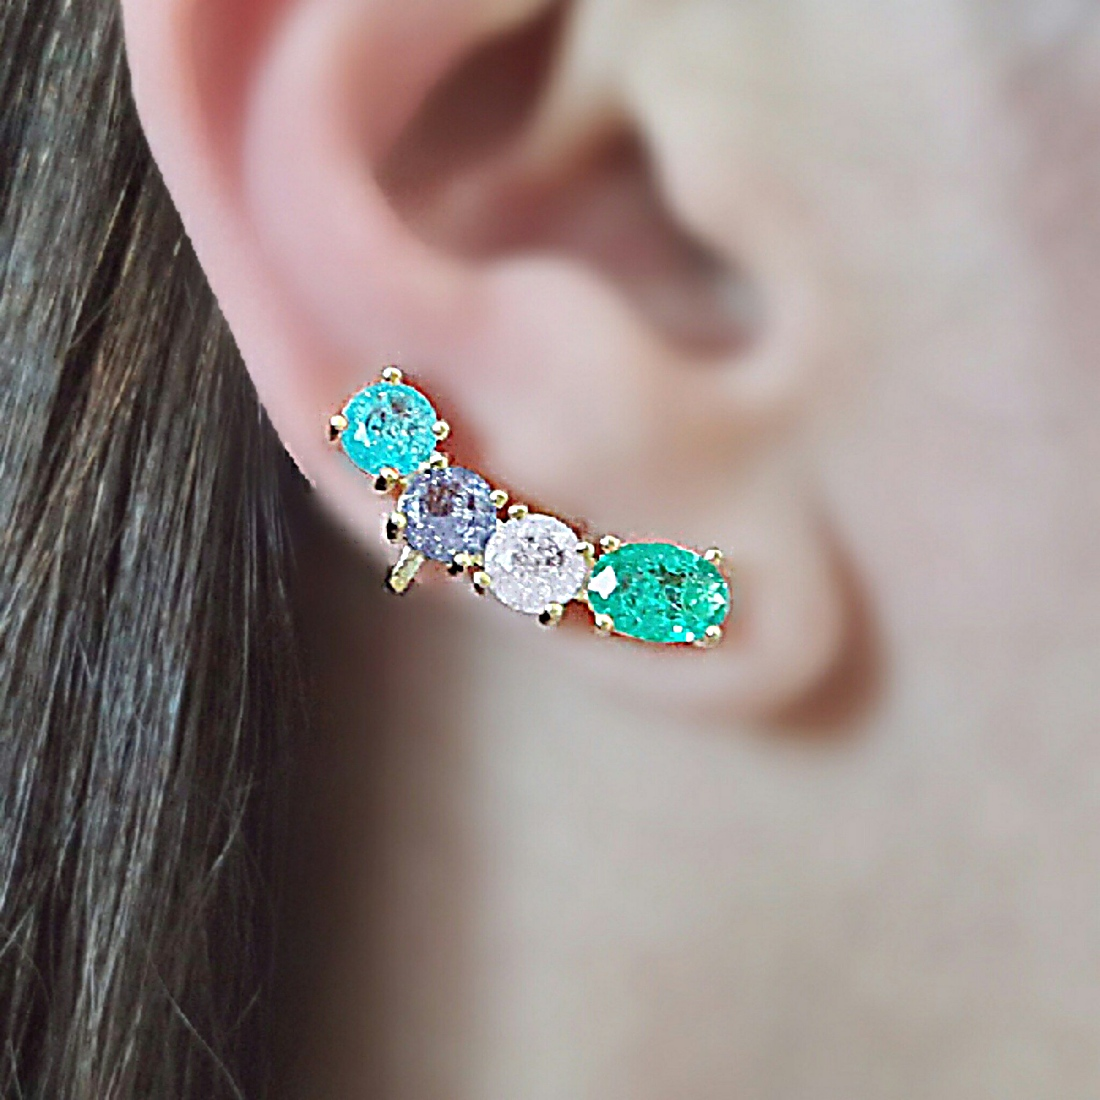 Ear Cuff Pedras Coloridas Fusion com Garra Semijoia Ouro  - Soloyou